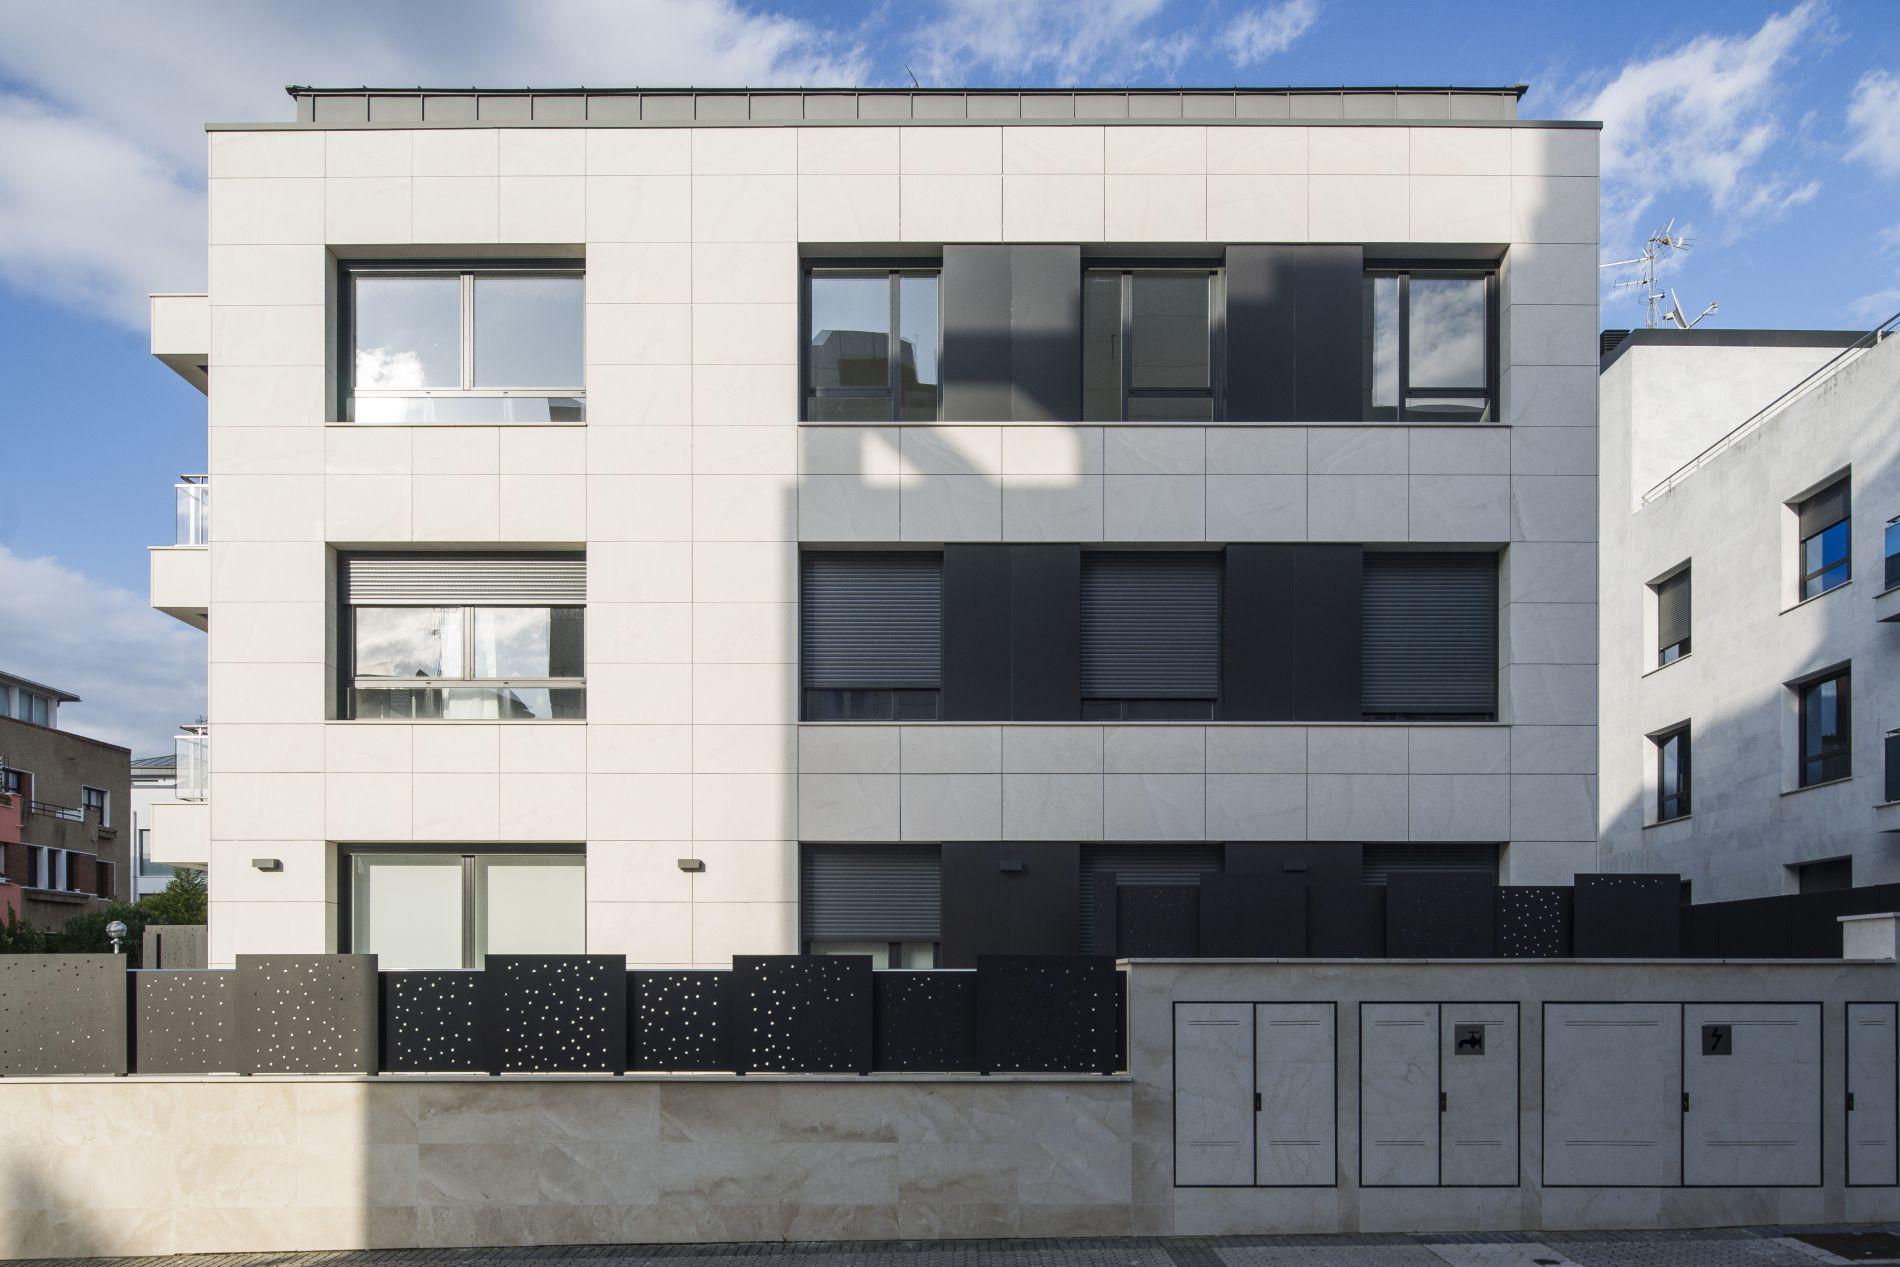 Fiark - 6 viviendas en Infanta Cristina 17 7